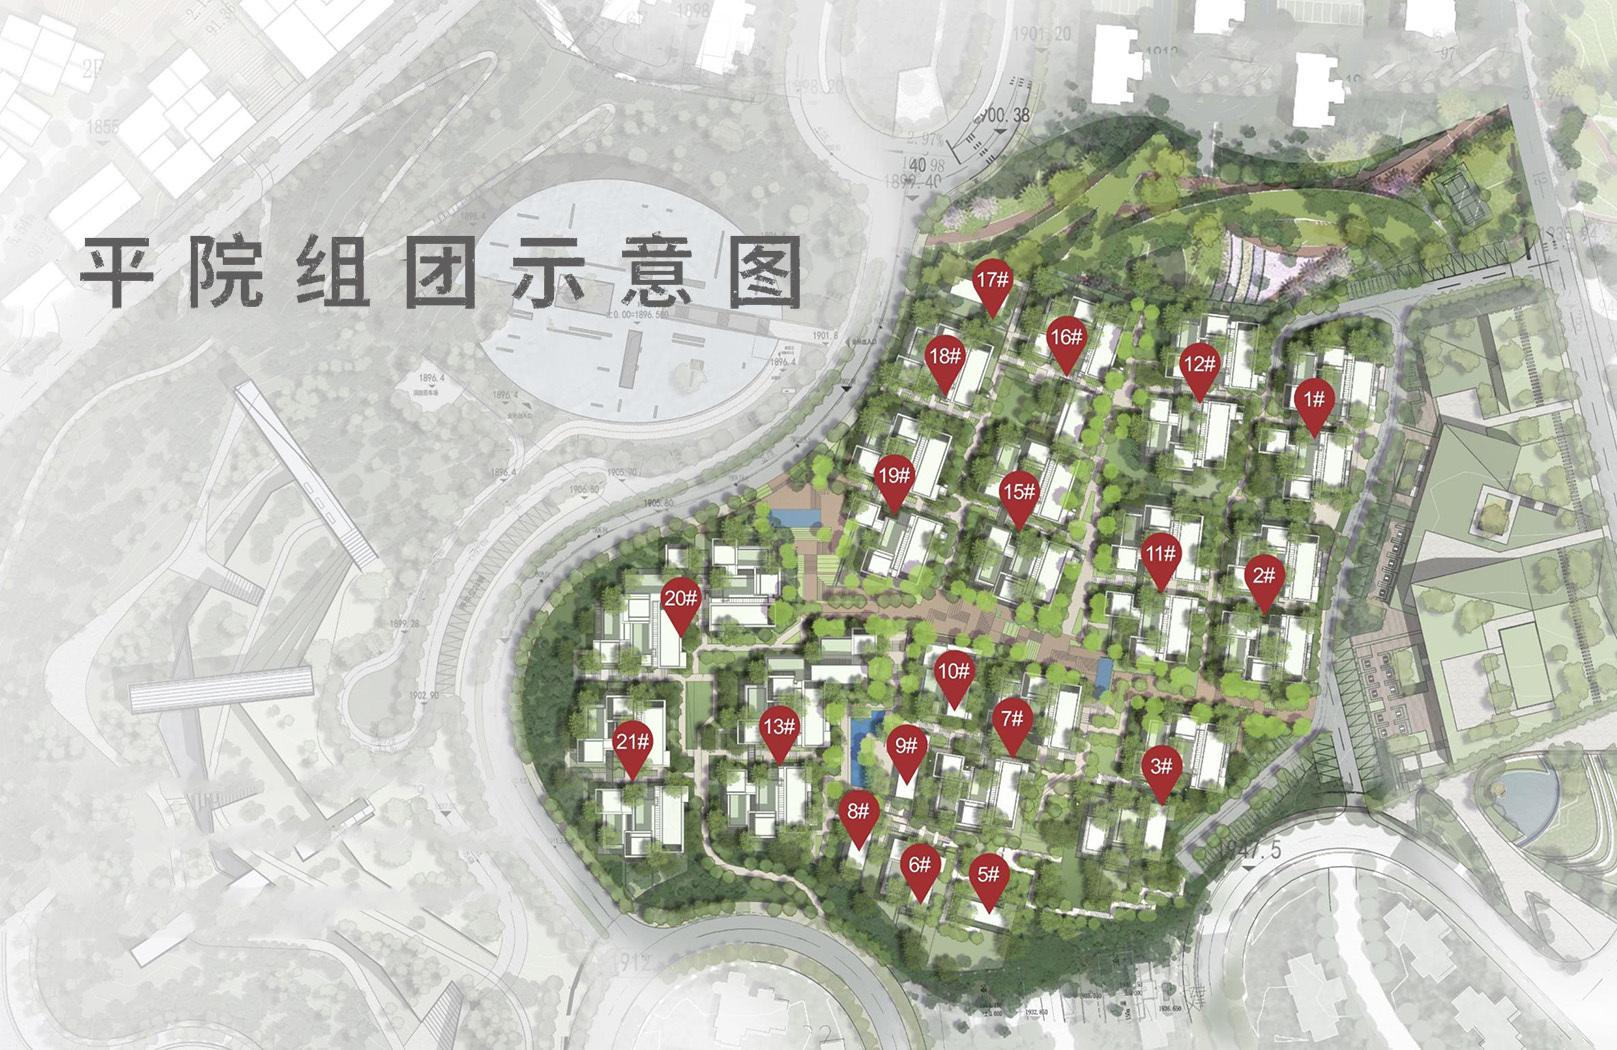 万科抚仙湖 平院组团楼栋分布平面图